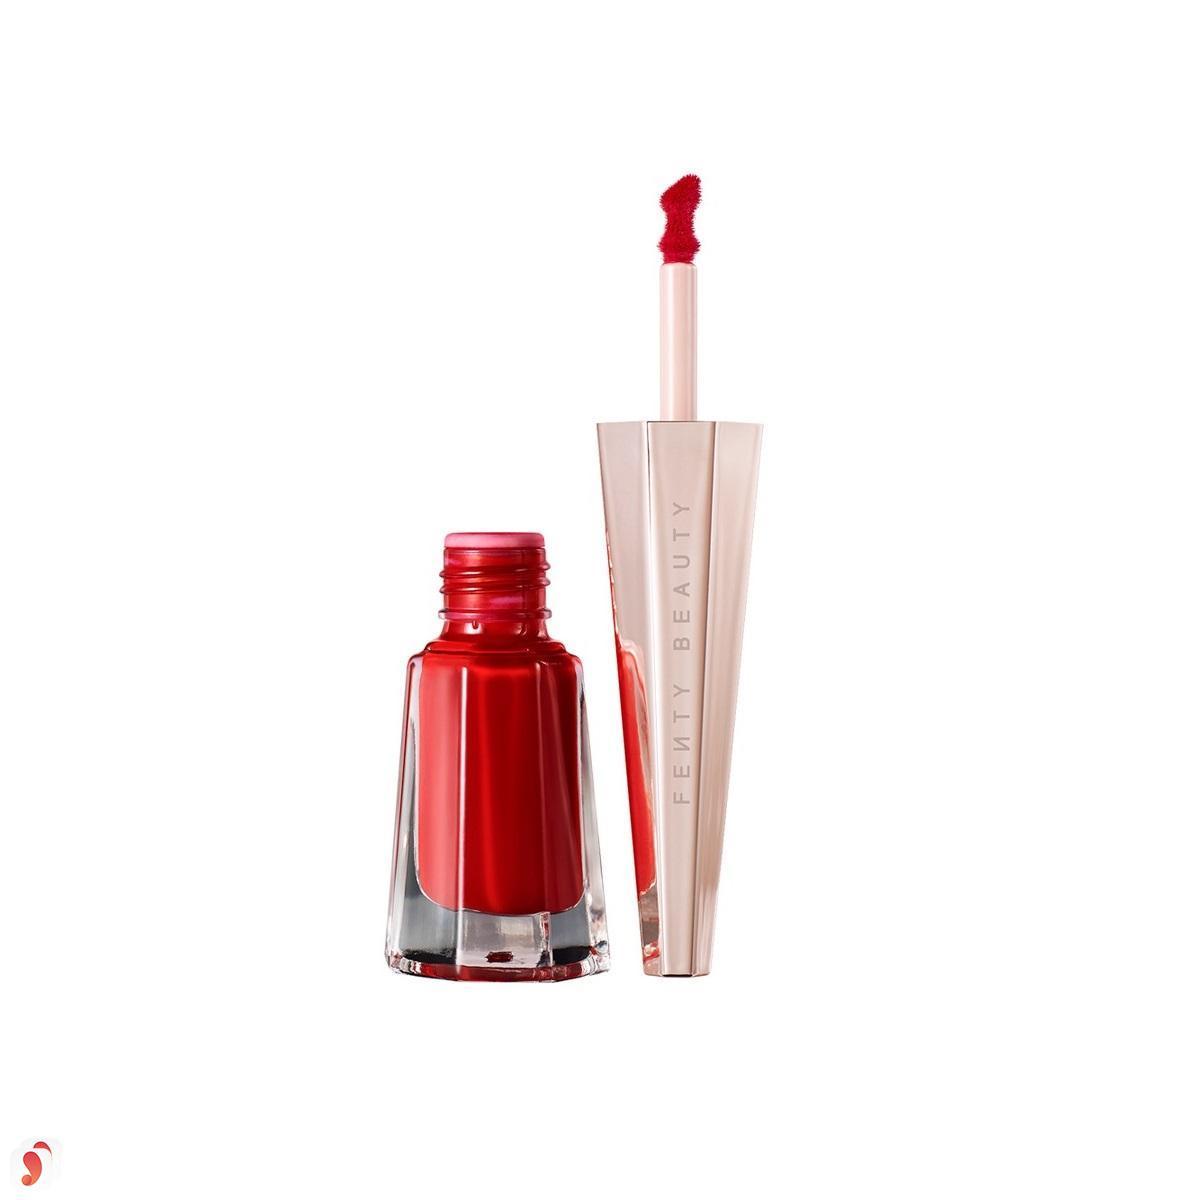 Son Fenty Stunna Lip Paint Longwear Fluid Lipstick review 6